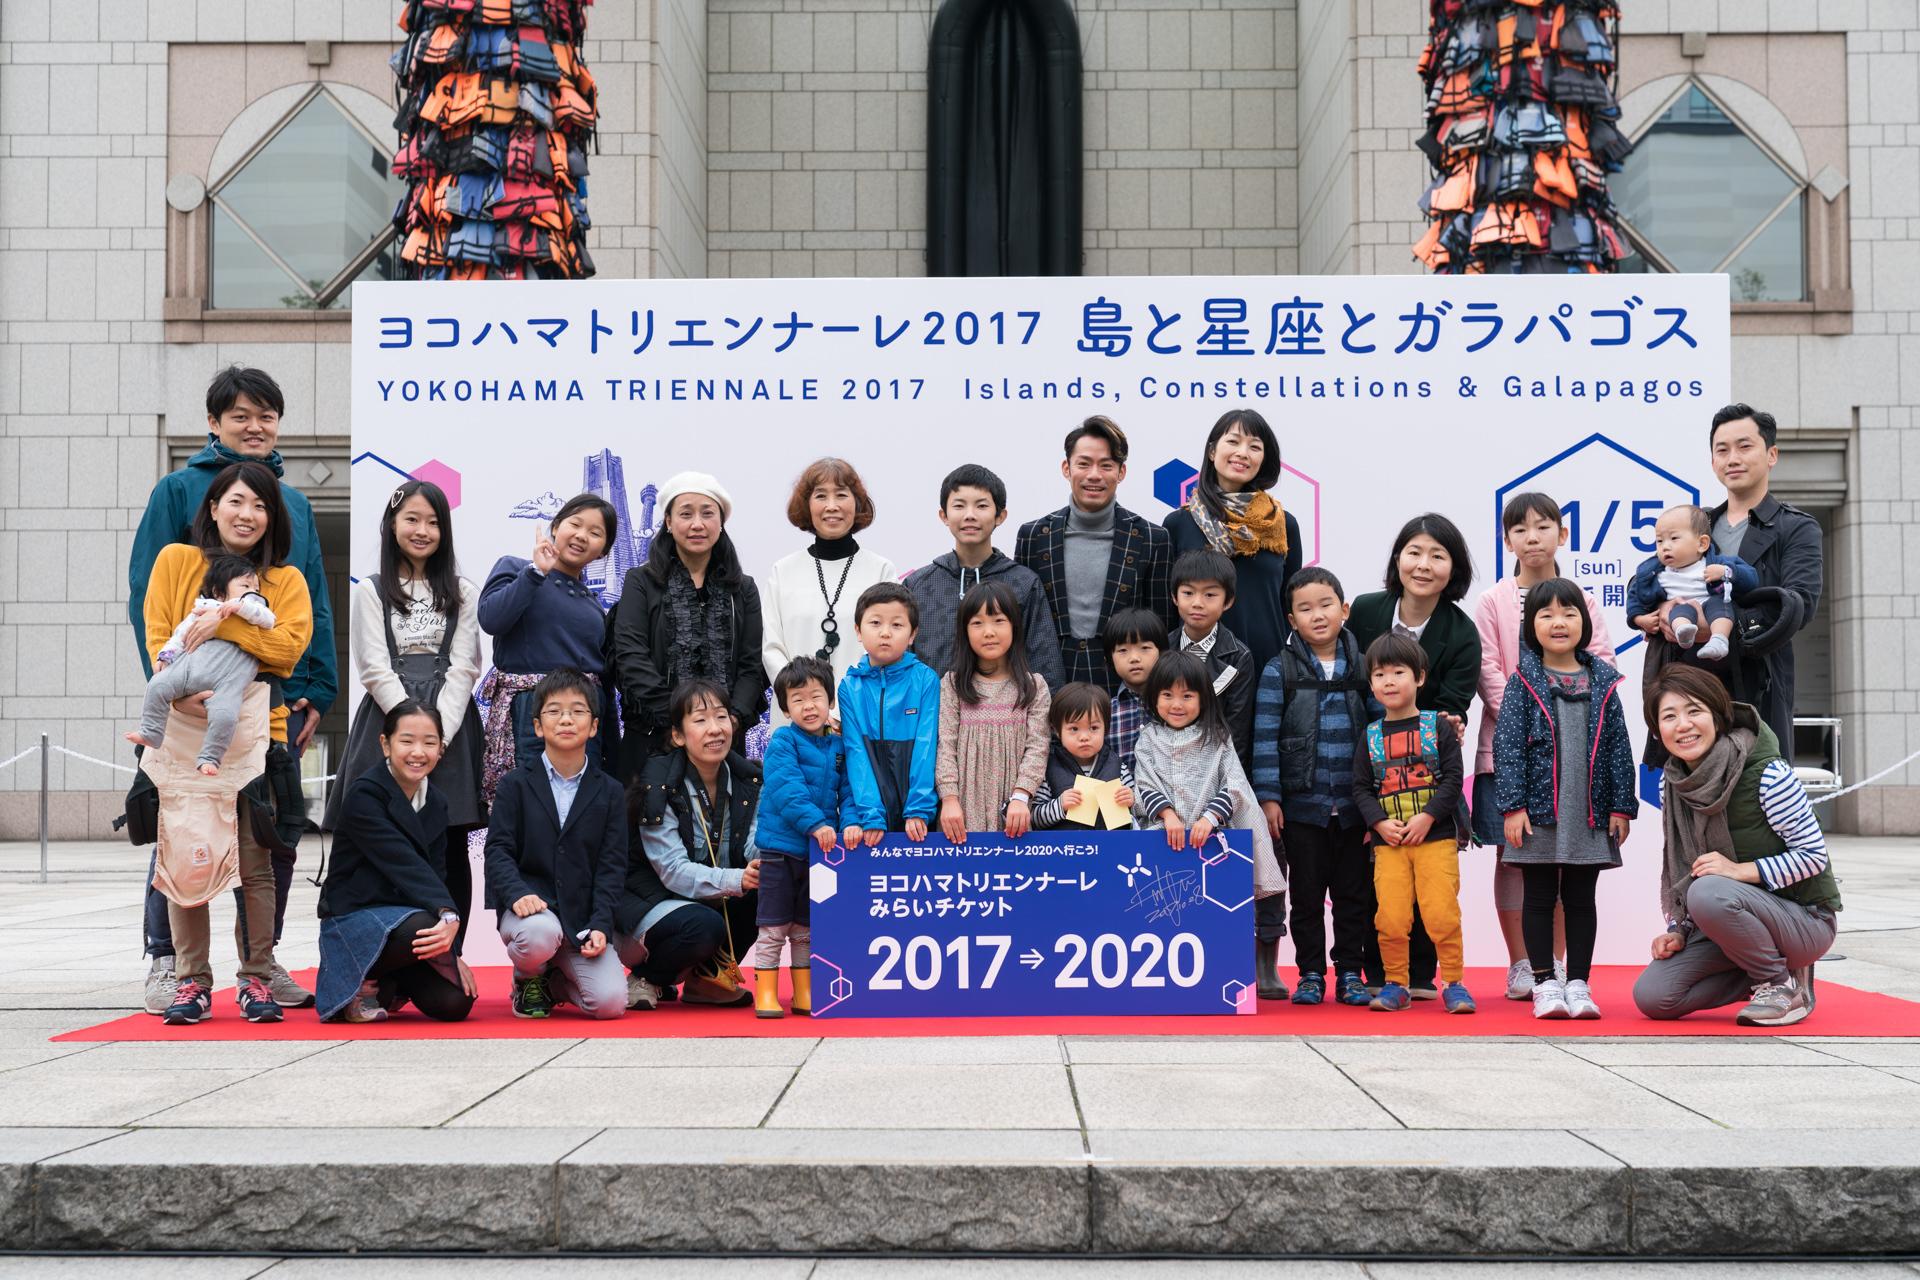 写真:加藤健 写真提供:横浜トリエンナーレ組織委員会